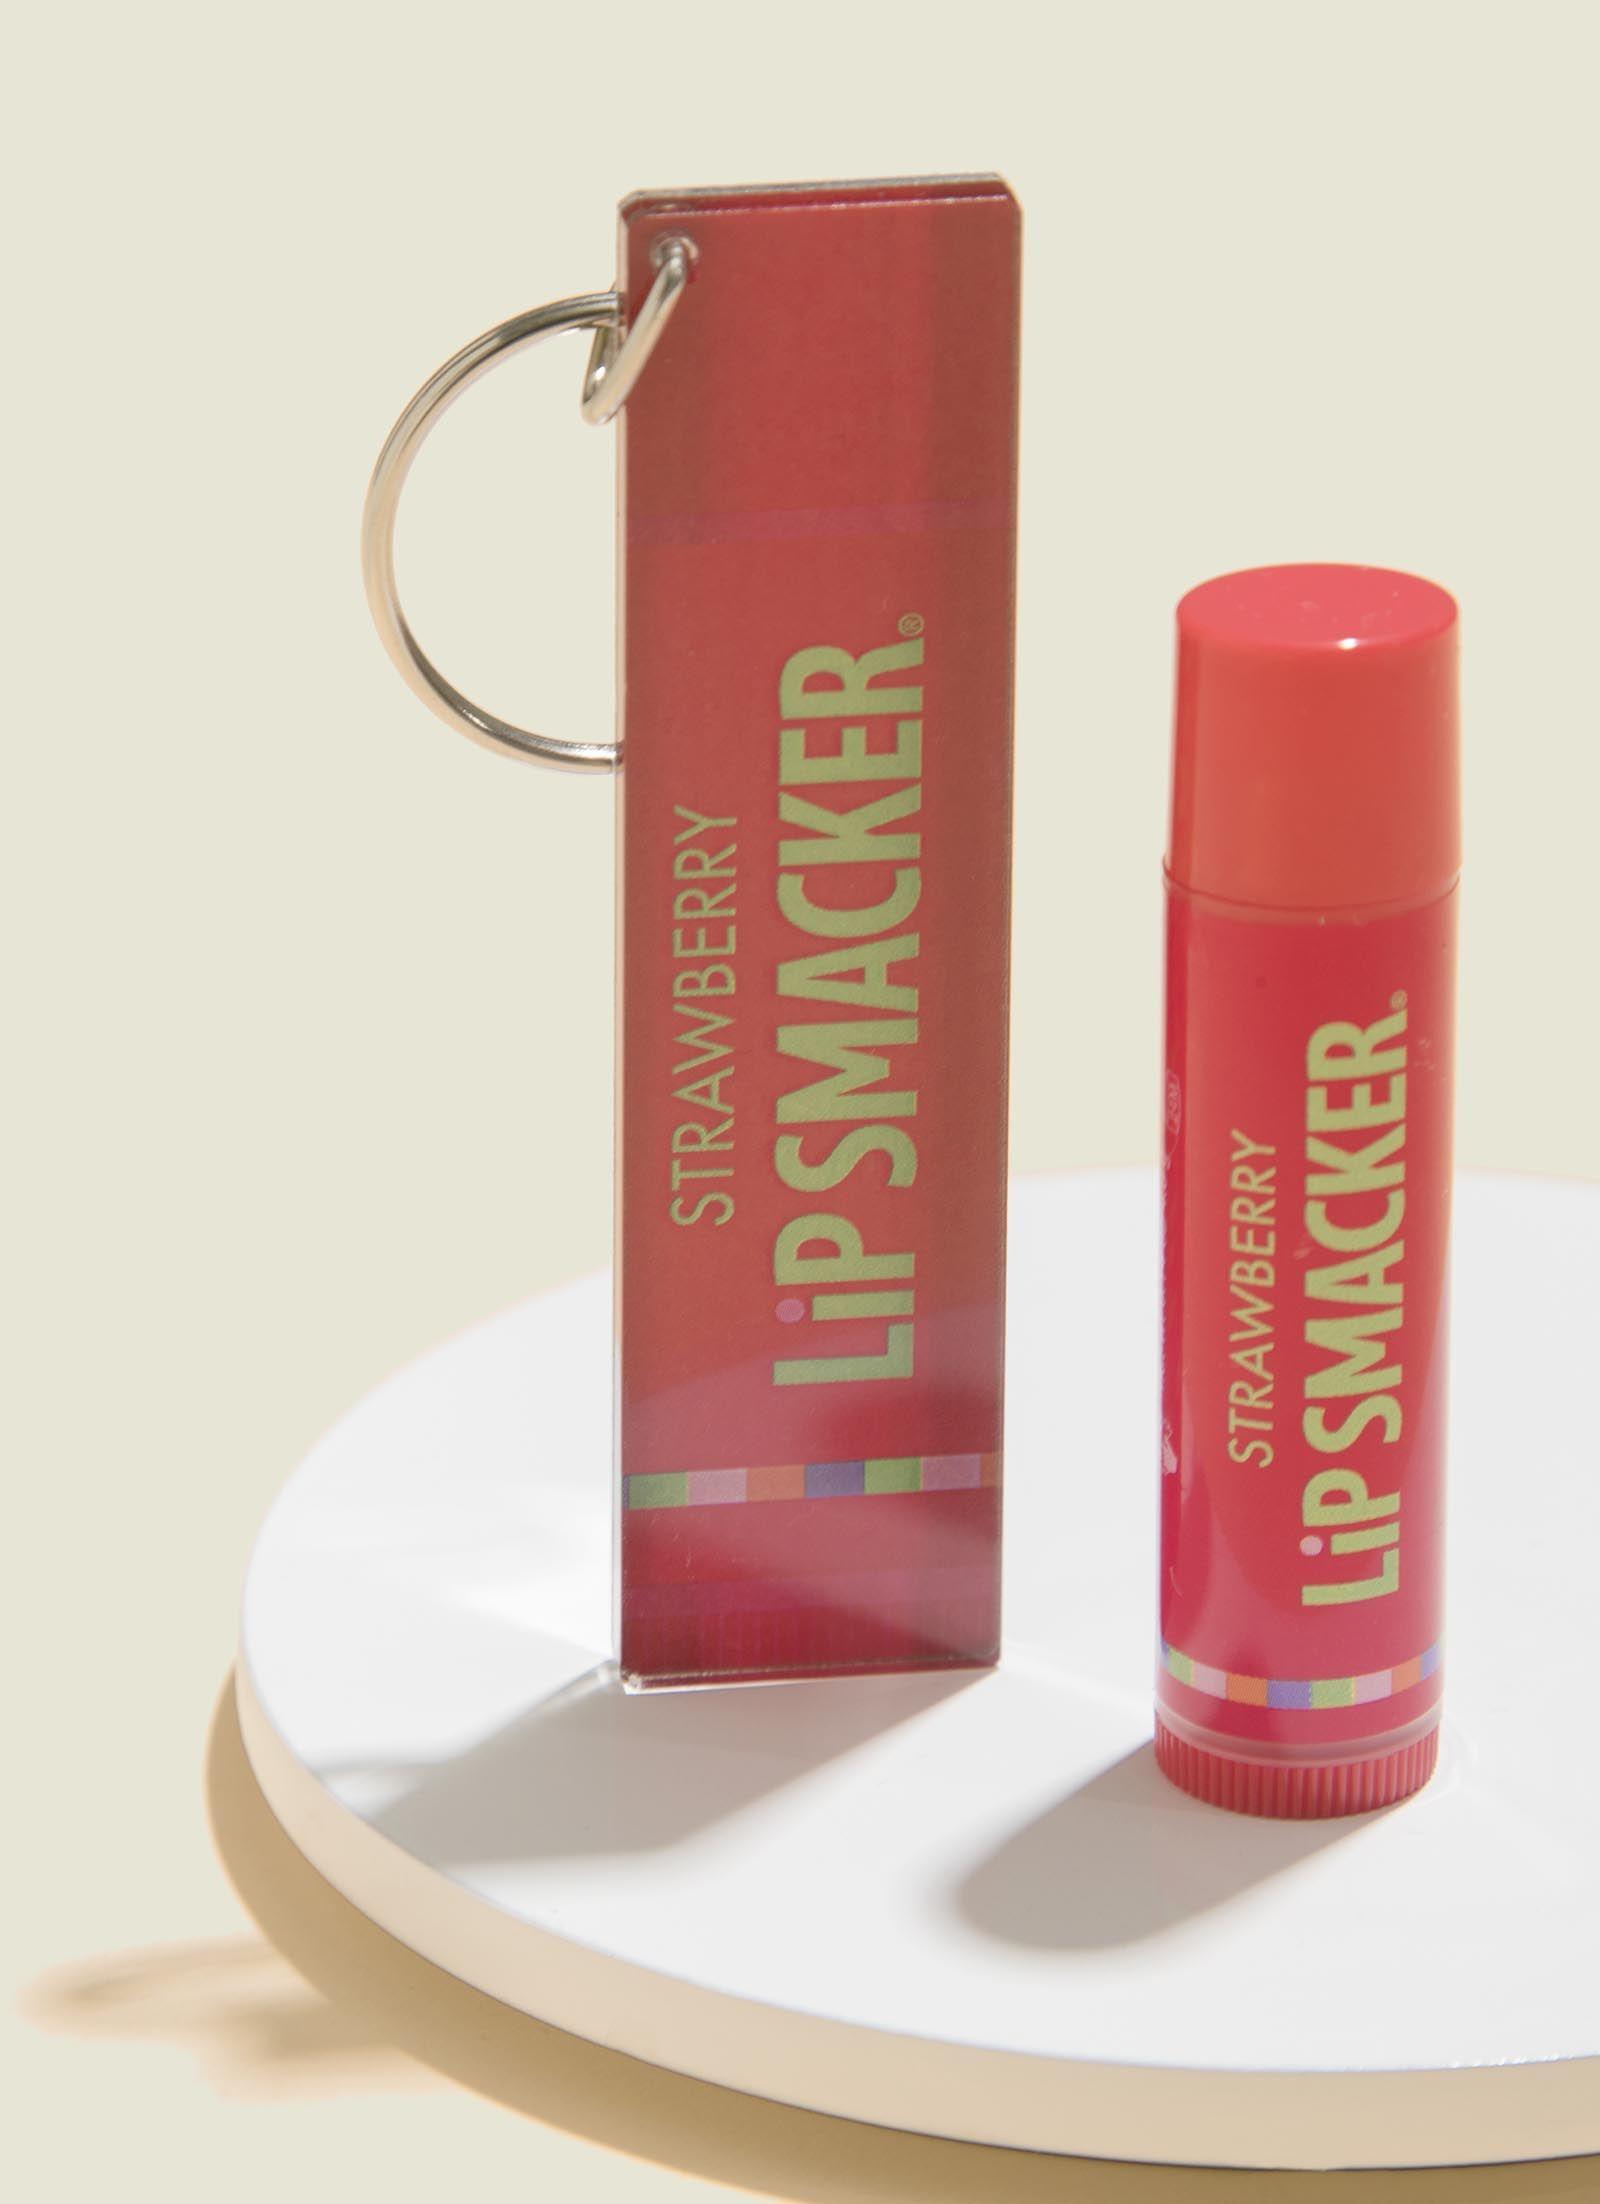 Lip balm with keychain